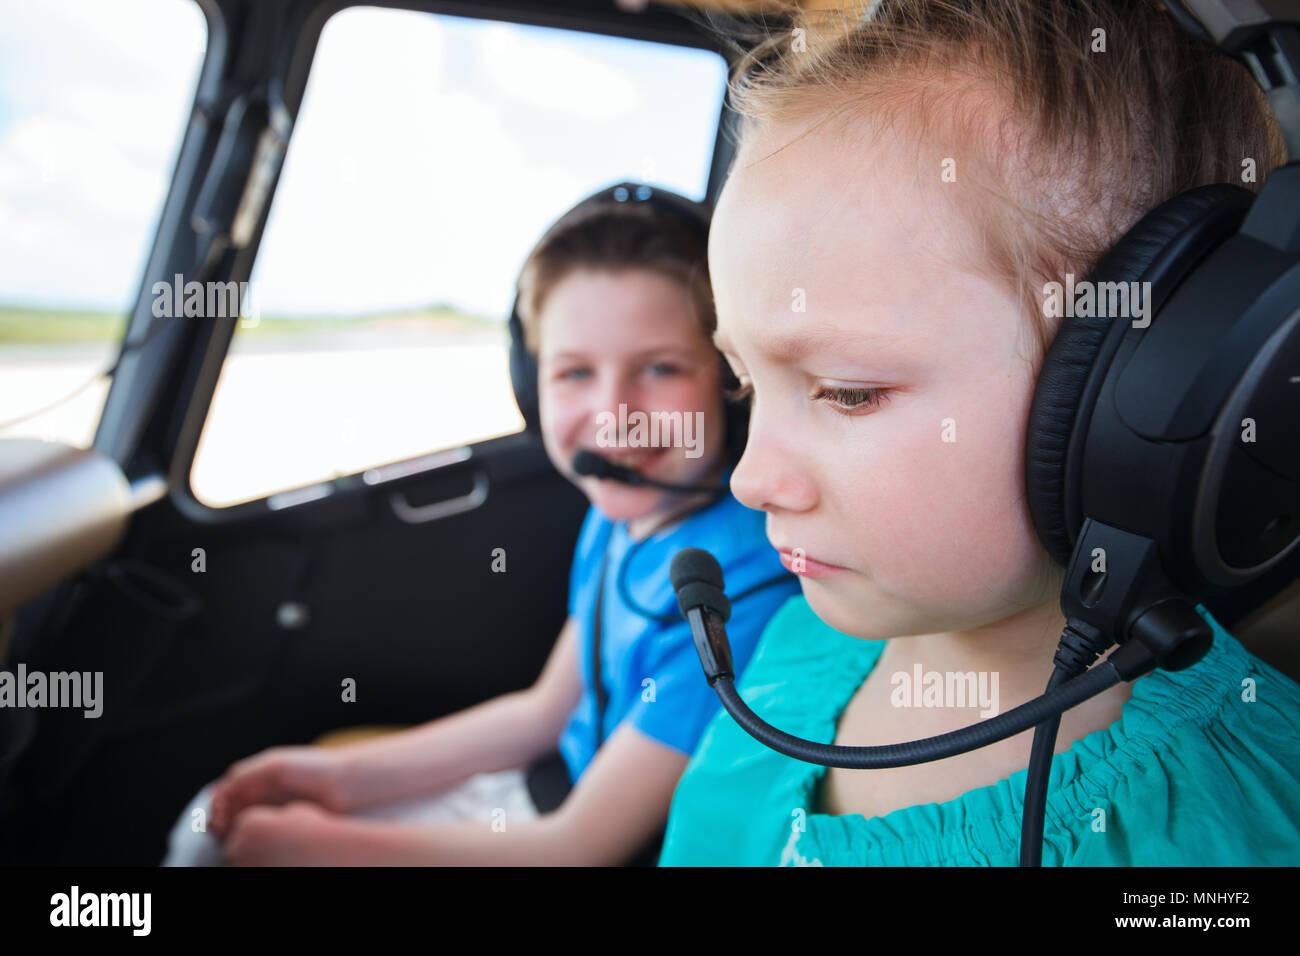 Kinder in der Kabine der Hubschrauber vor dem Flug mit kleinen Mädchen, Angst, Kinder in der Kabine der Hubschrauber vor dem Flug mit kleinen Mädchen, Angst Stockbild